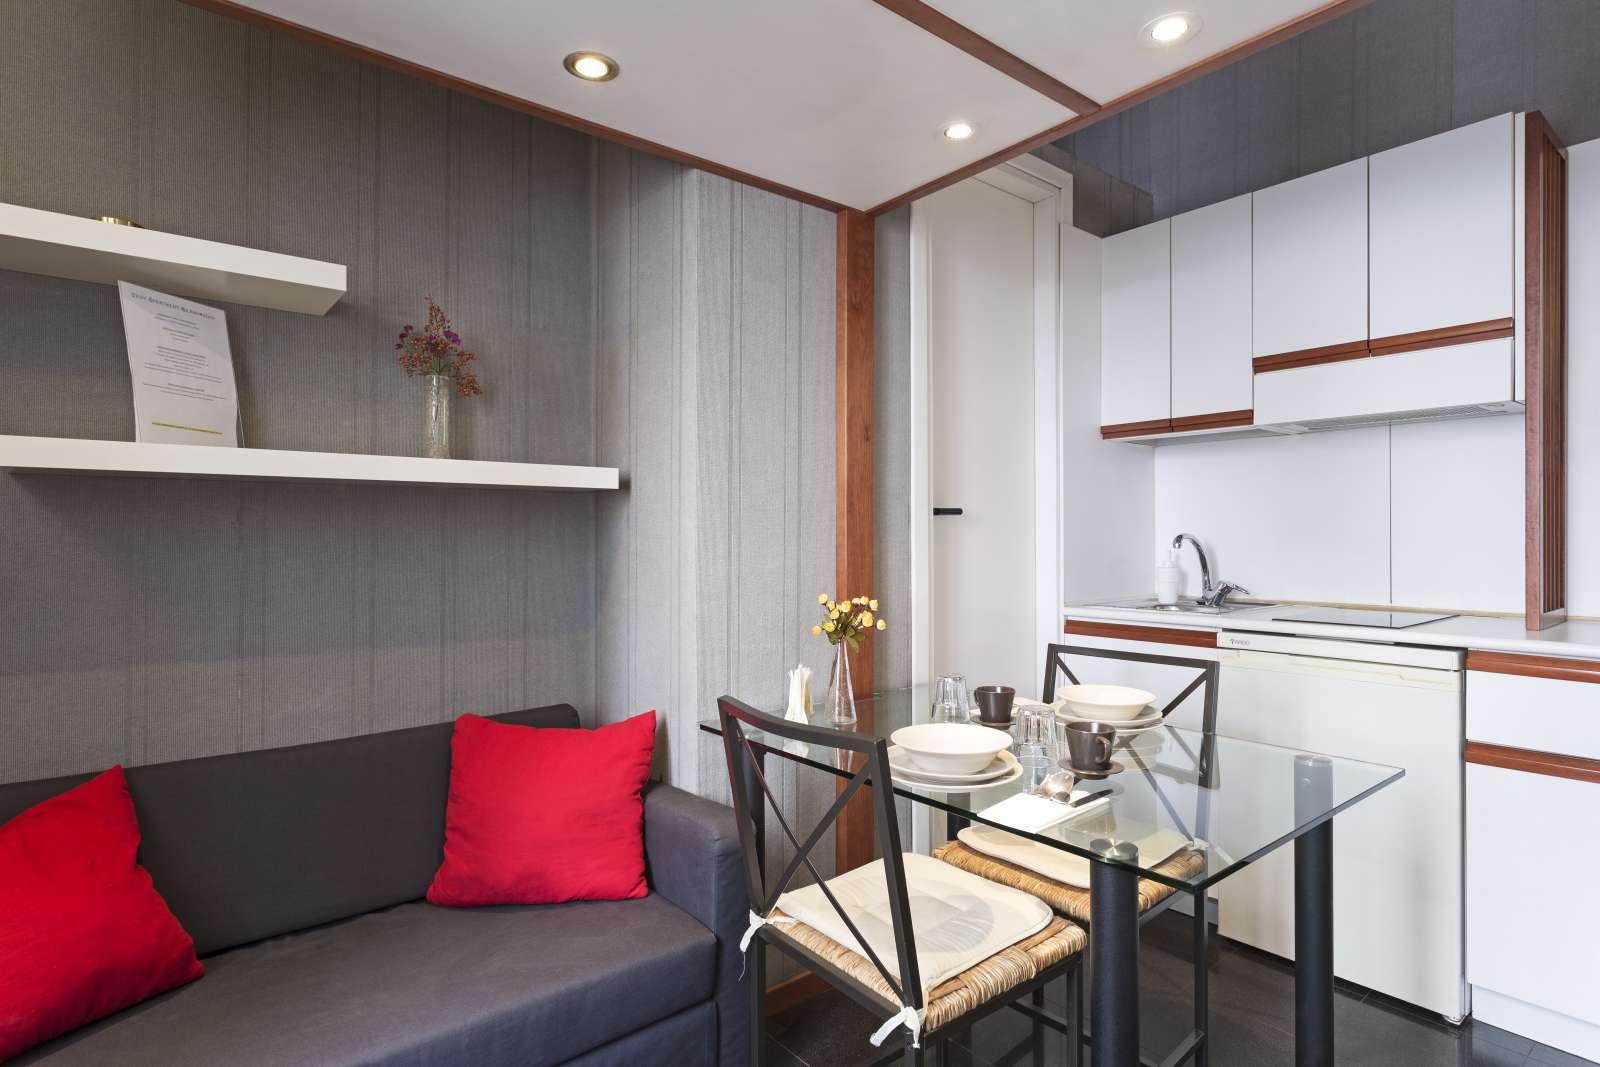 Vergani Home Divani Prezzi monolocale confortevole in affitto vicino al museo design italiano di pagano